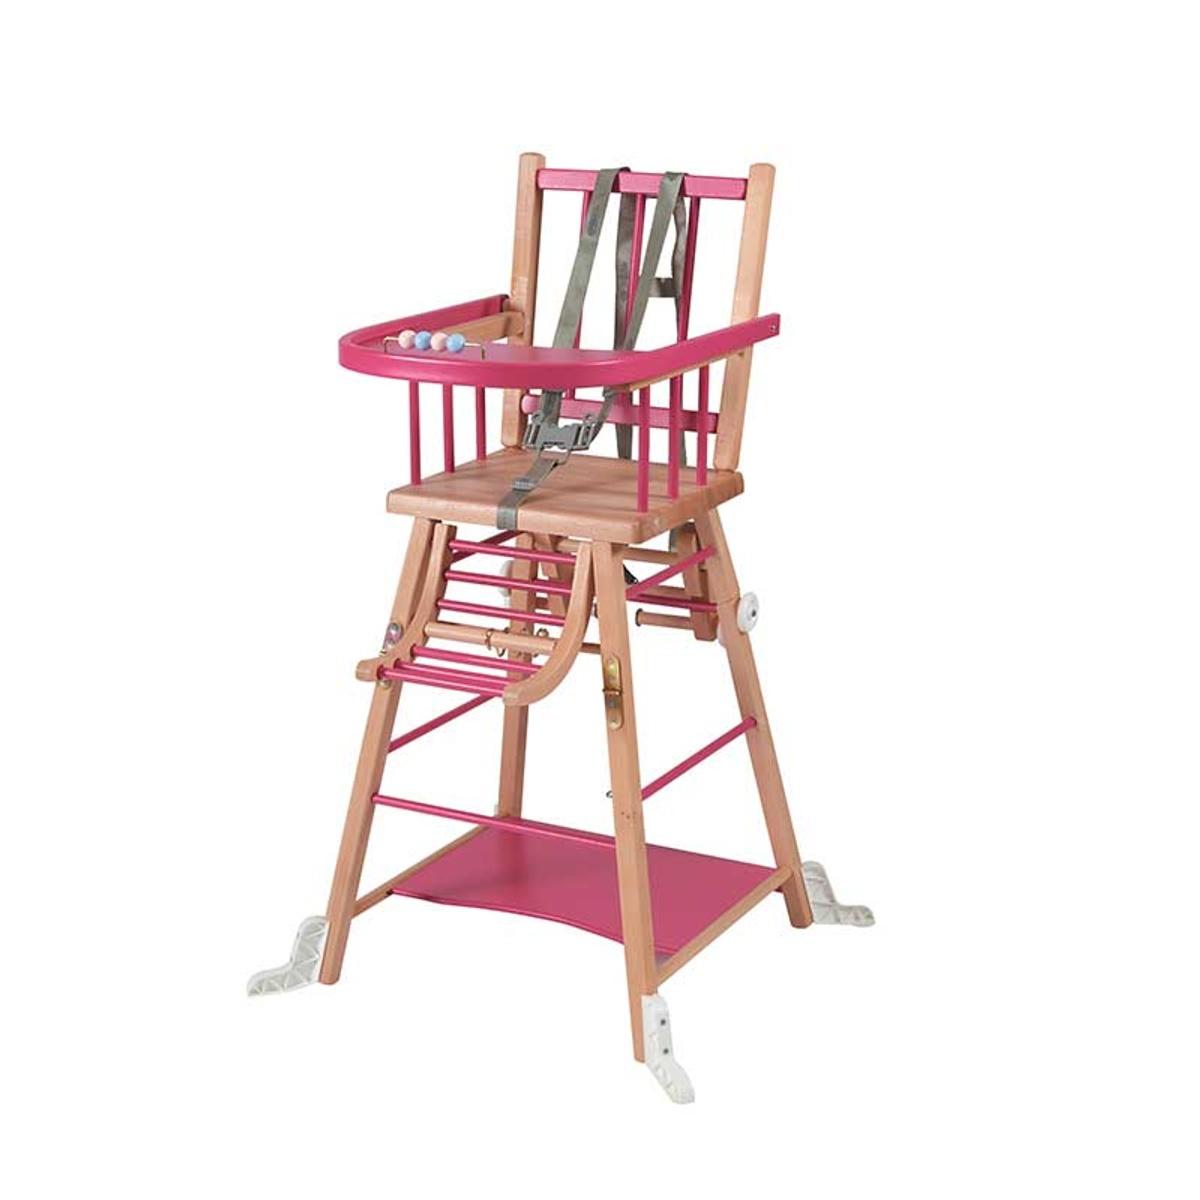 Chaise haute bébé en bois  bicolore fuchsia - 57x95 cm